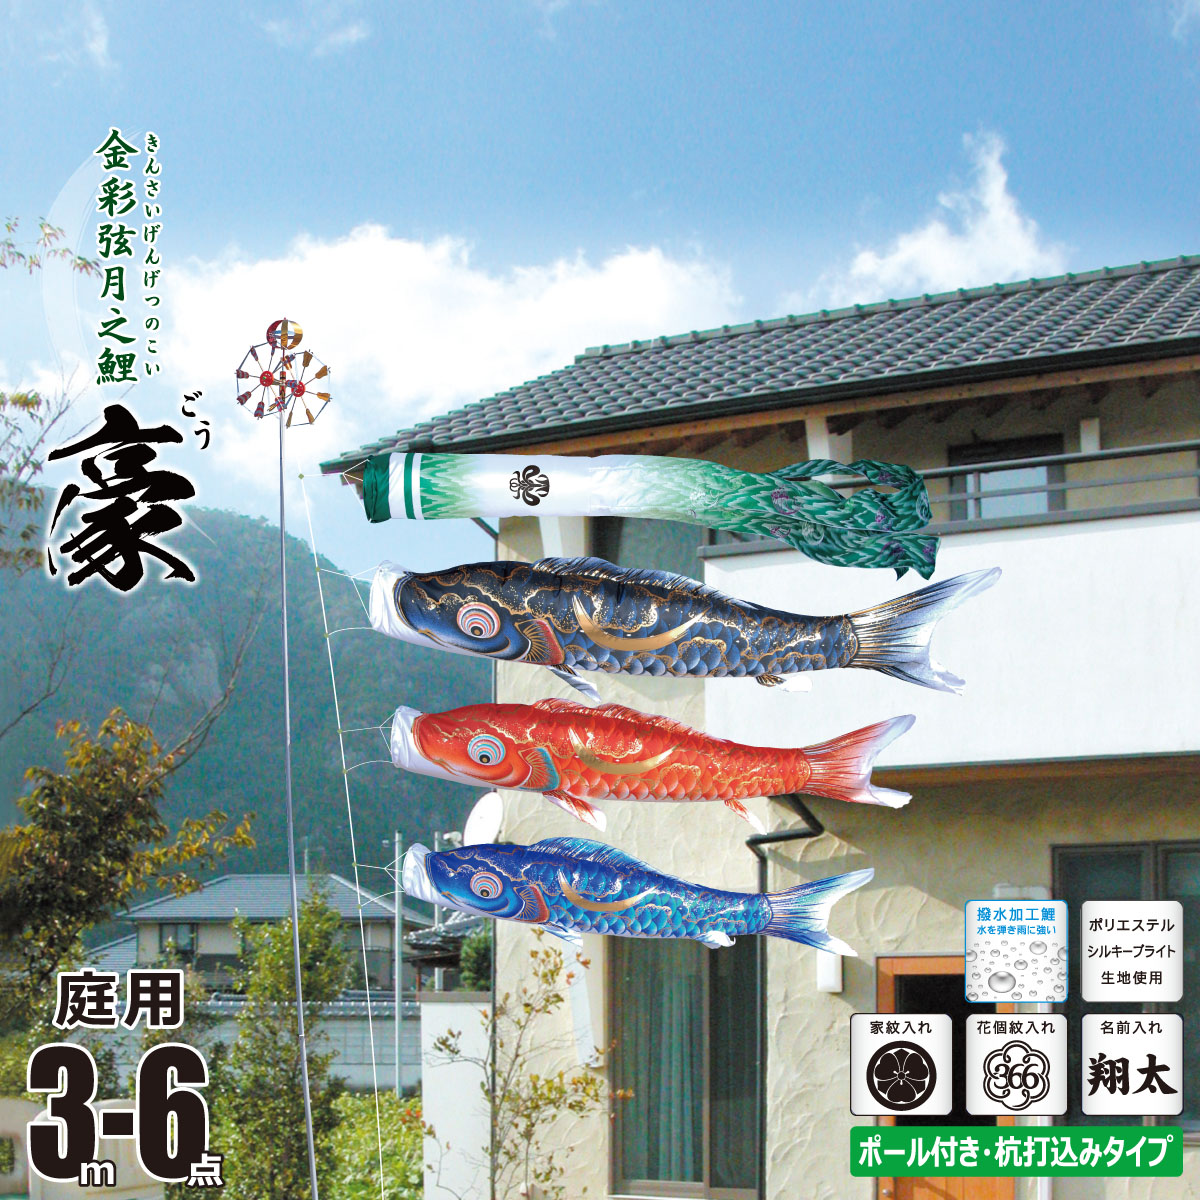 こいのぼり 3m 豪(ごう) 6点 (矢車、ロープ、吹流し、鯉3匹) 庭園用 ガーデンセット (専用ポール一式) 徳永鯉のぼり KIT-115-310